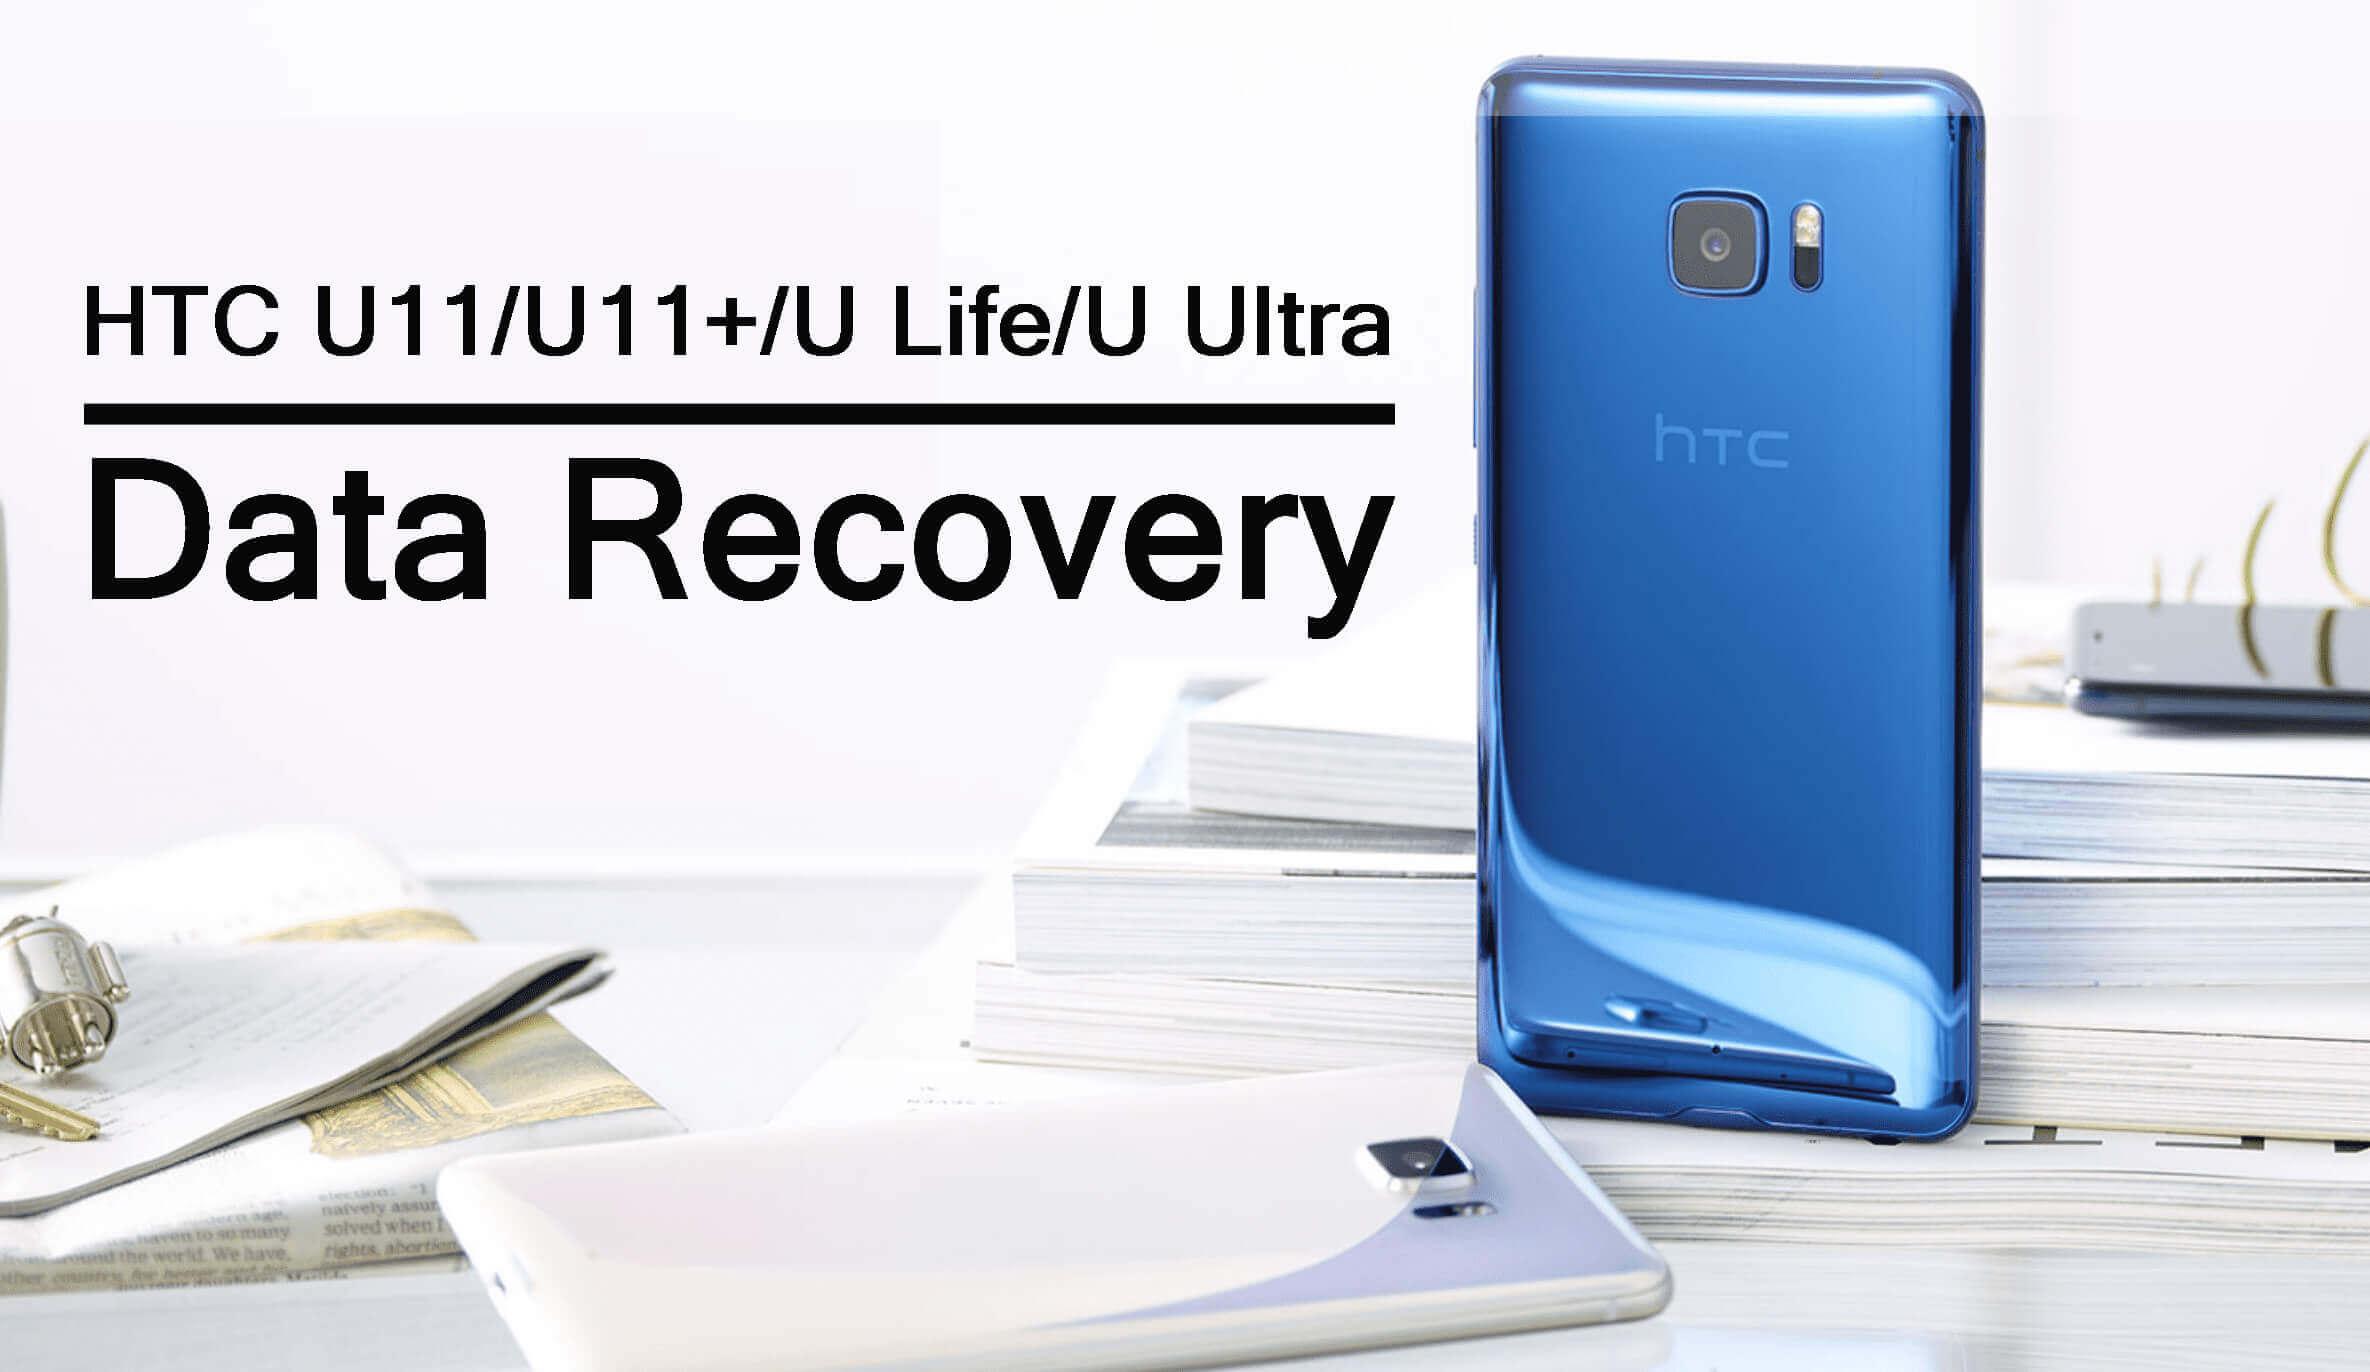 Recover Deleted Data From HTC U11, U11+, U11 Life, U Ultra